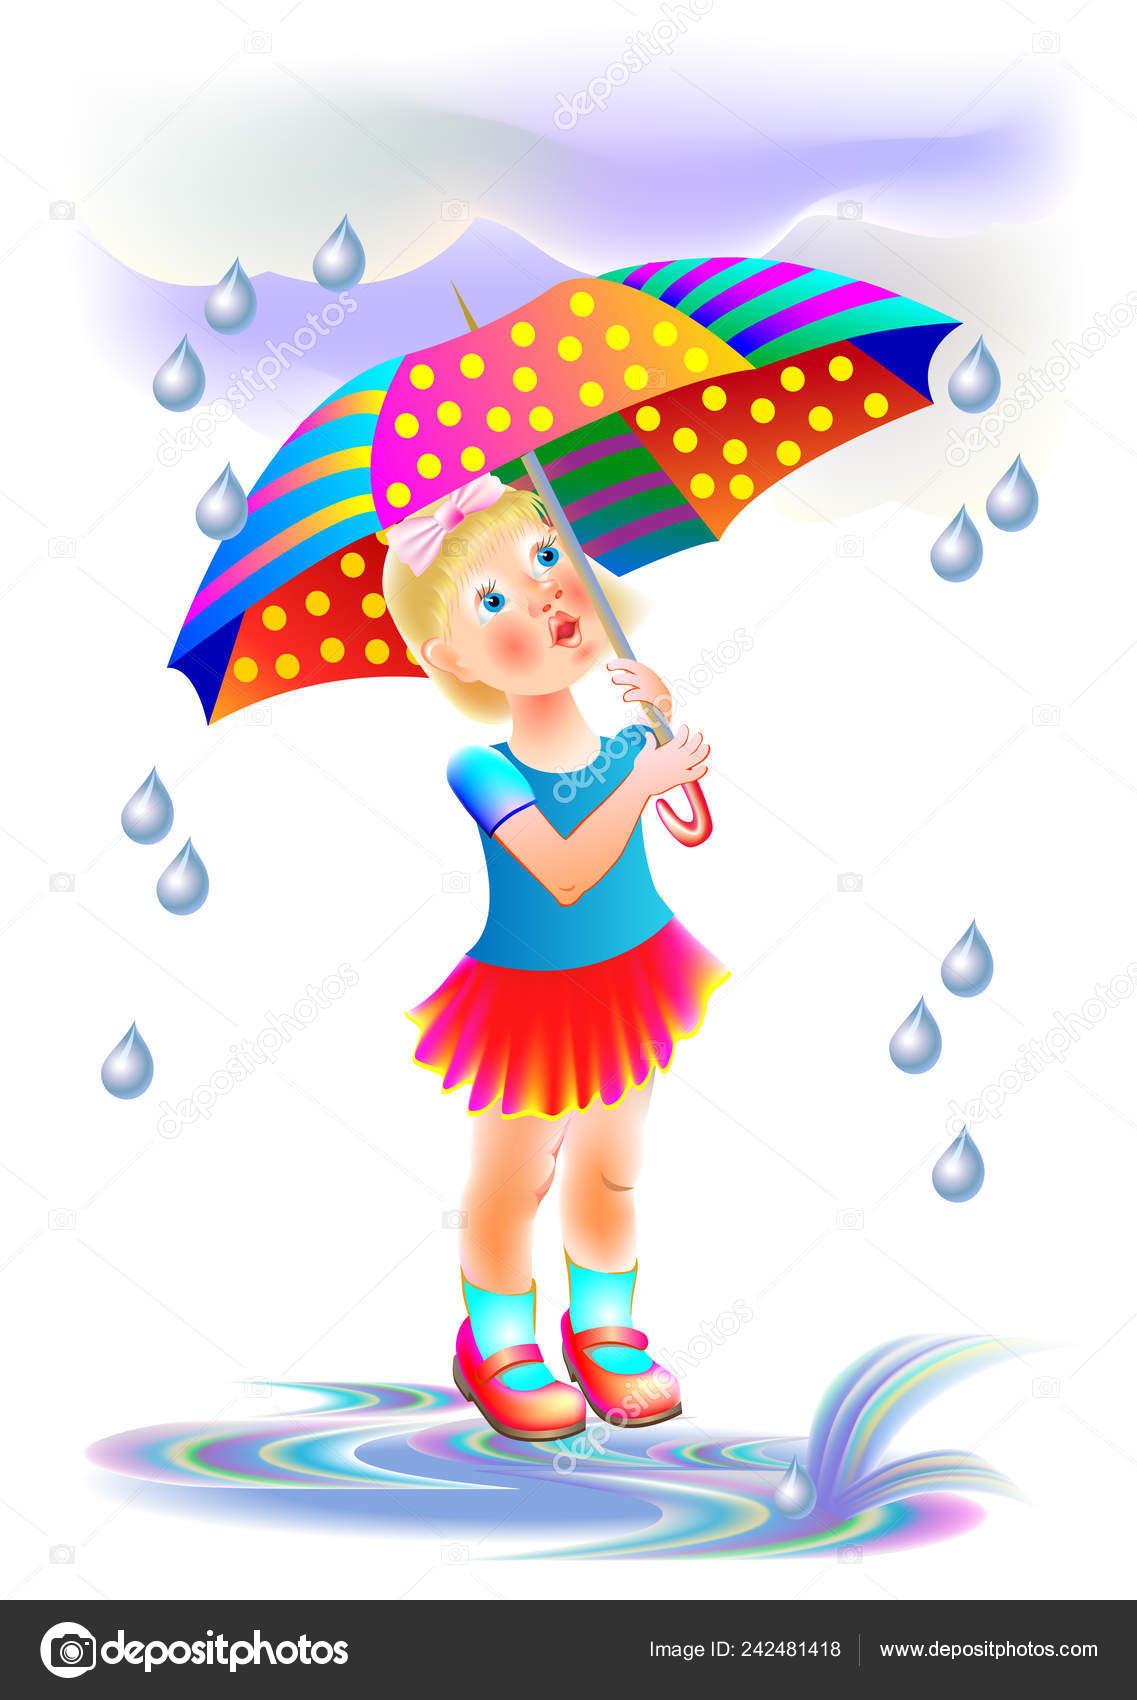 umbrella clipart.html